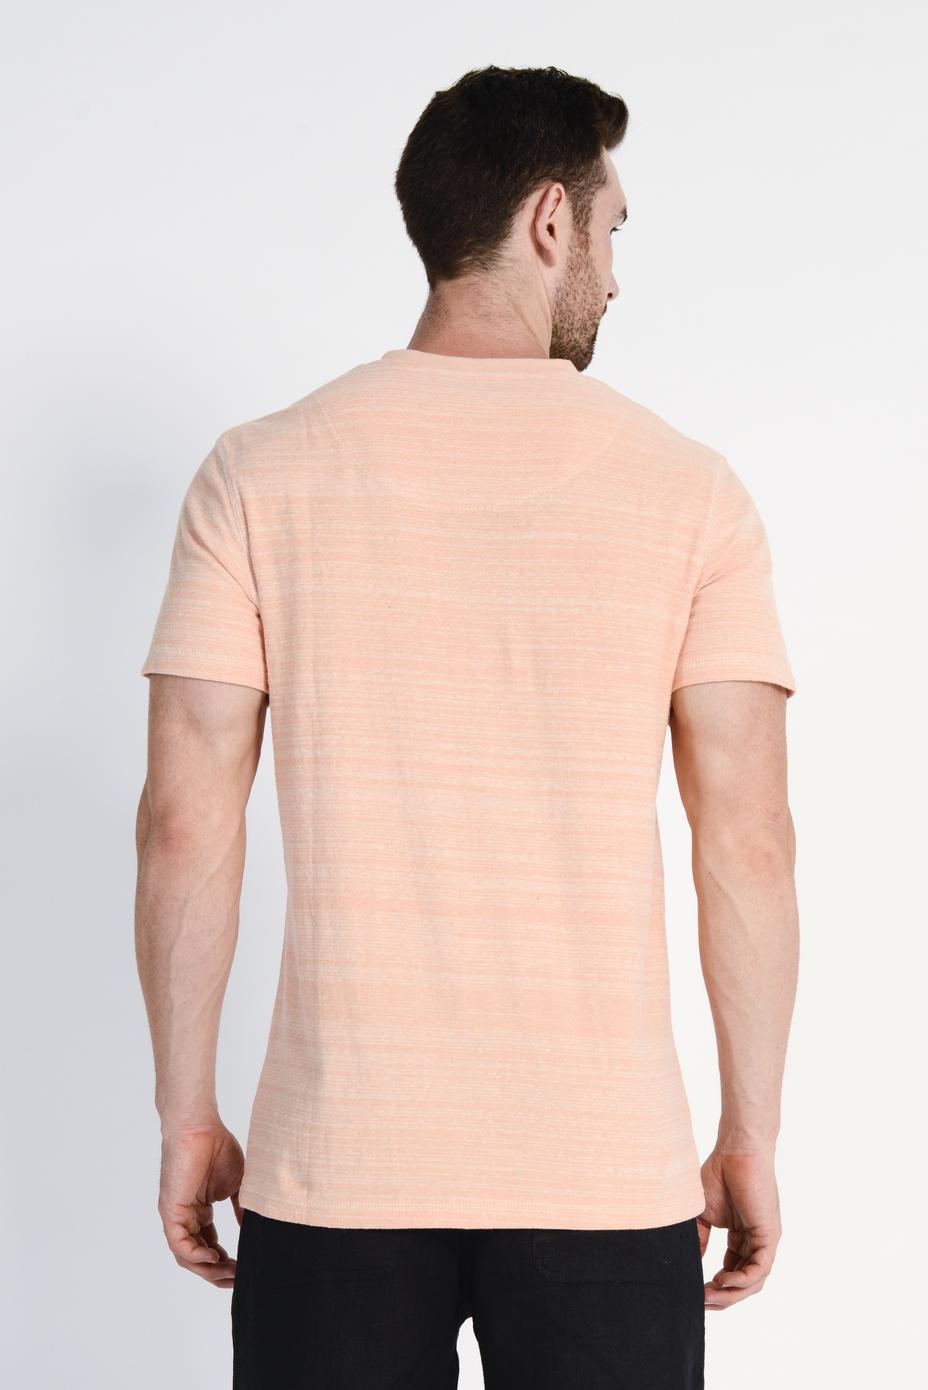 Men's Hemp Cotton V Neck Blended Tee- Salmon